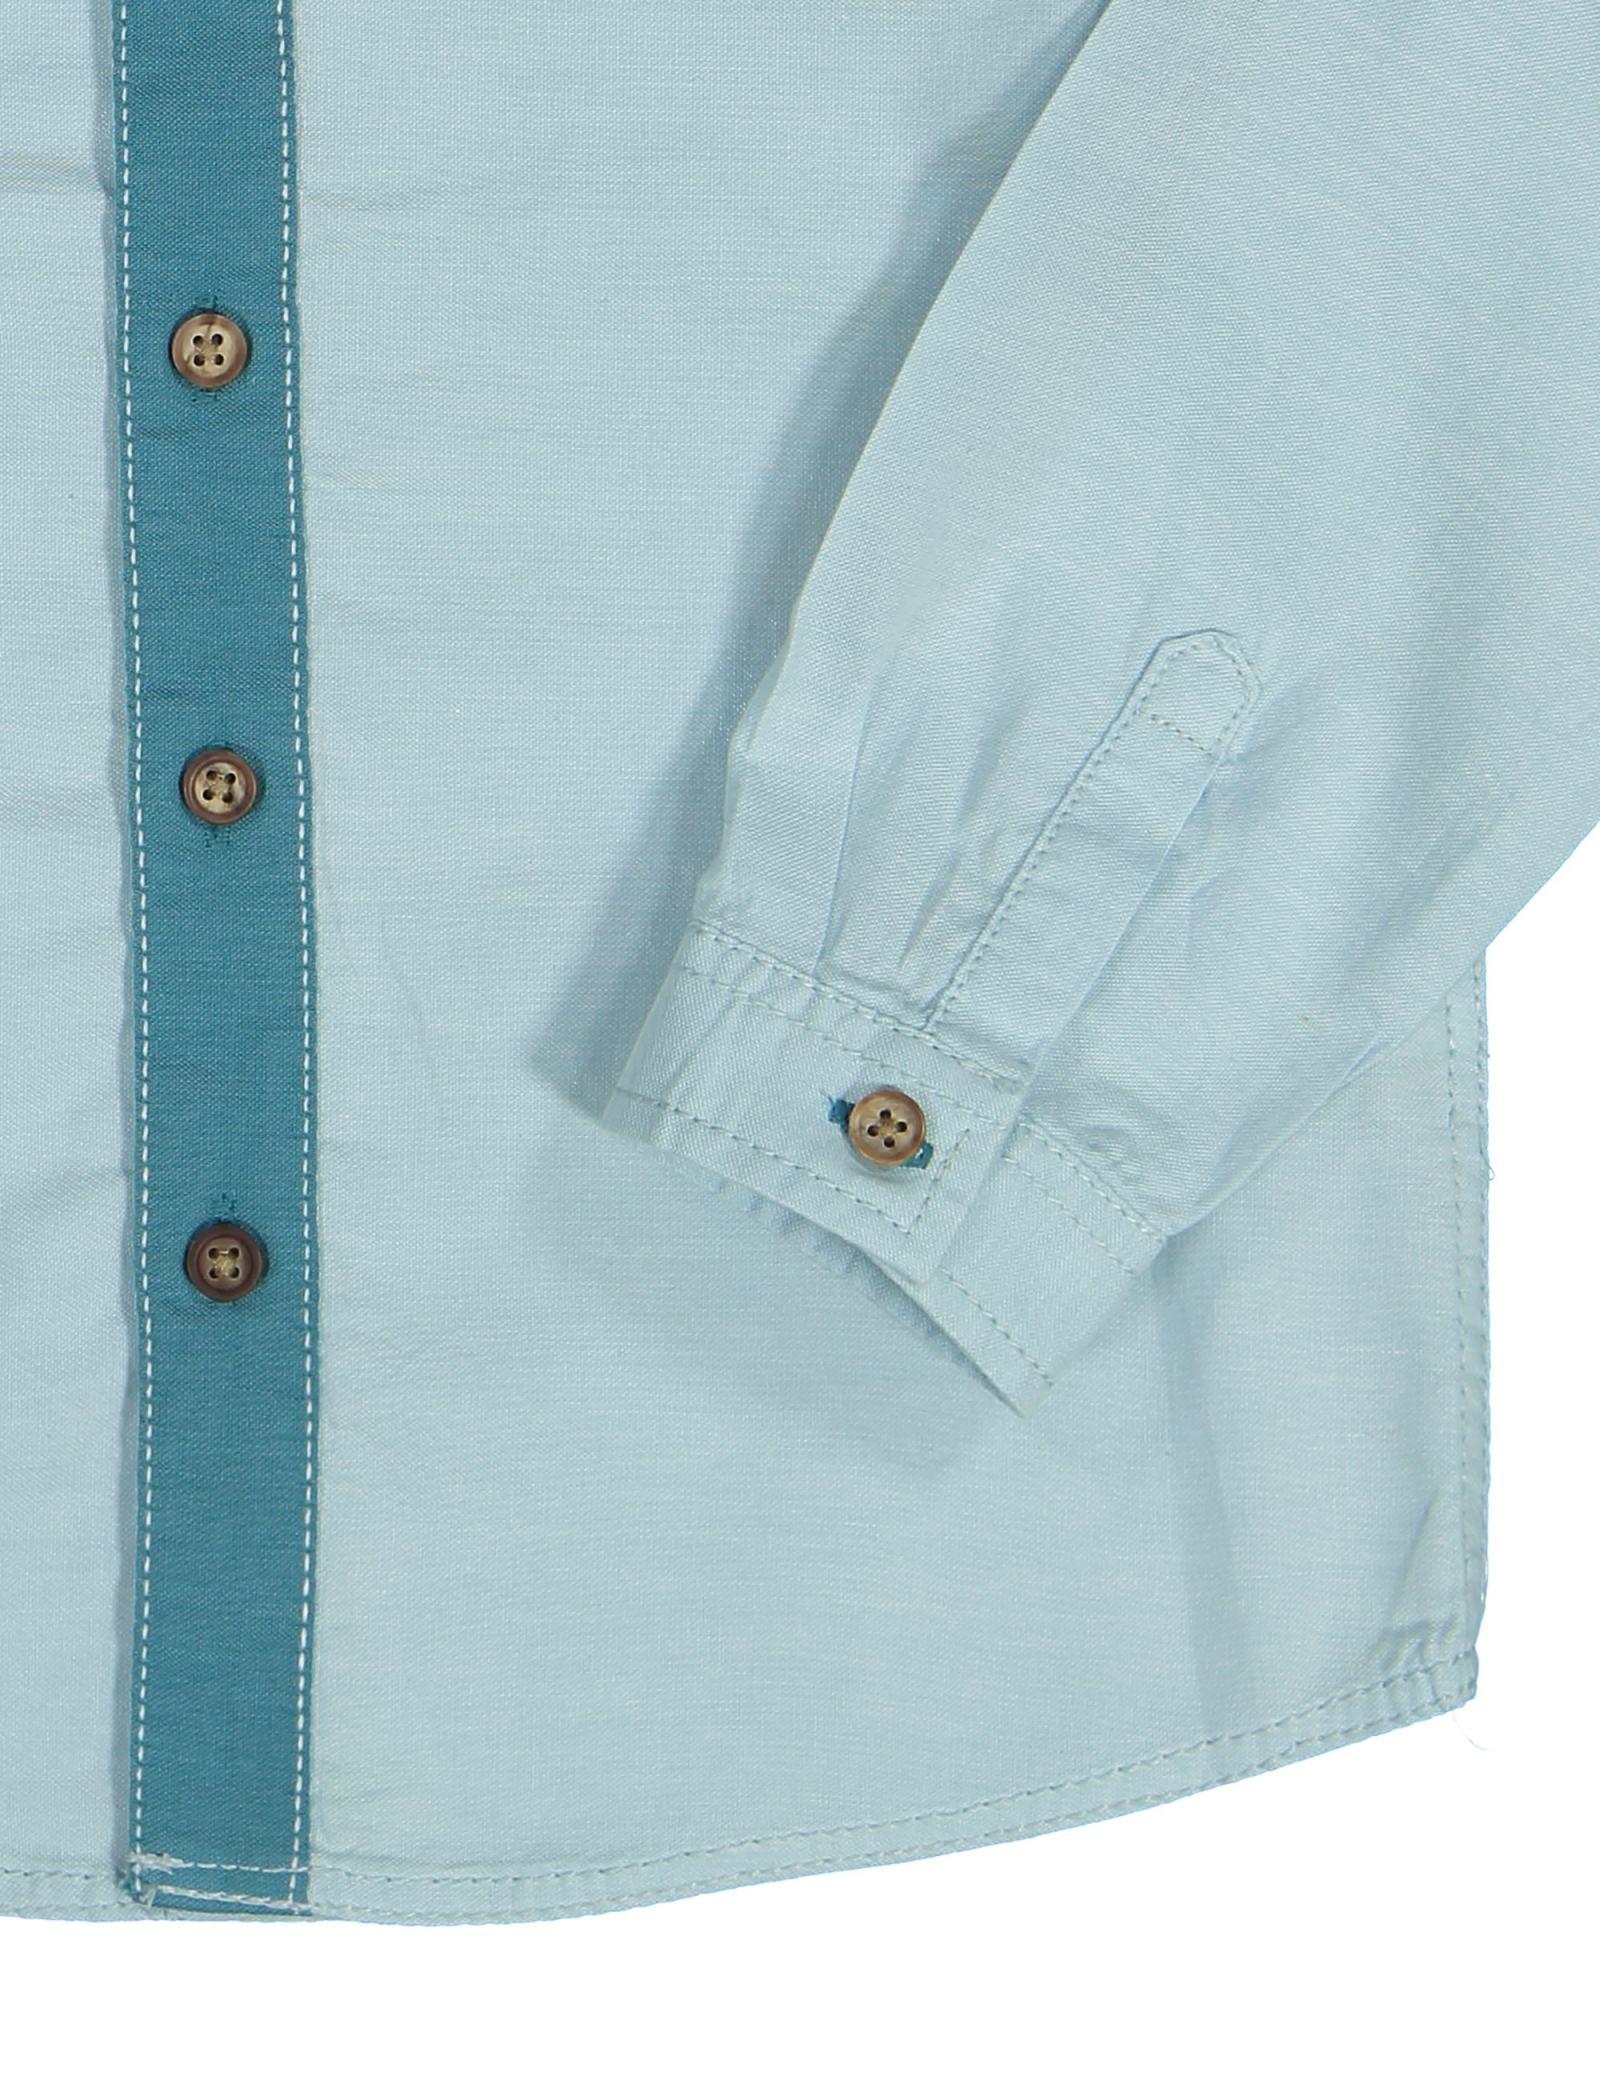 پیراهن نخی آستین بلند پسرانه - ال سی وایکیکی - سبز آبي روشن - 3